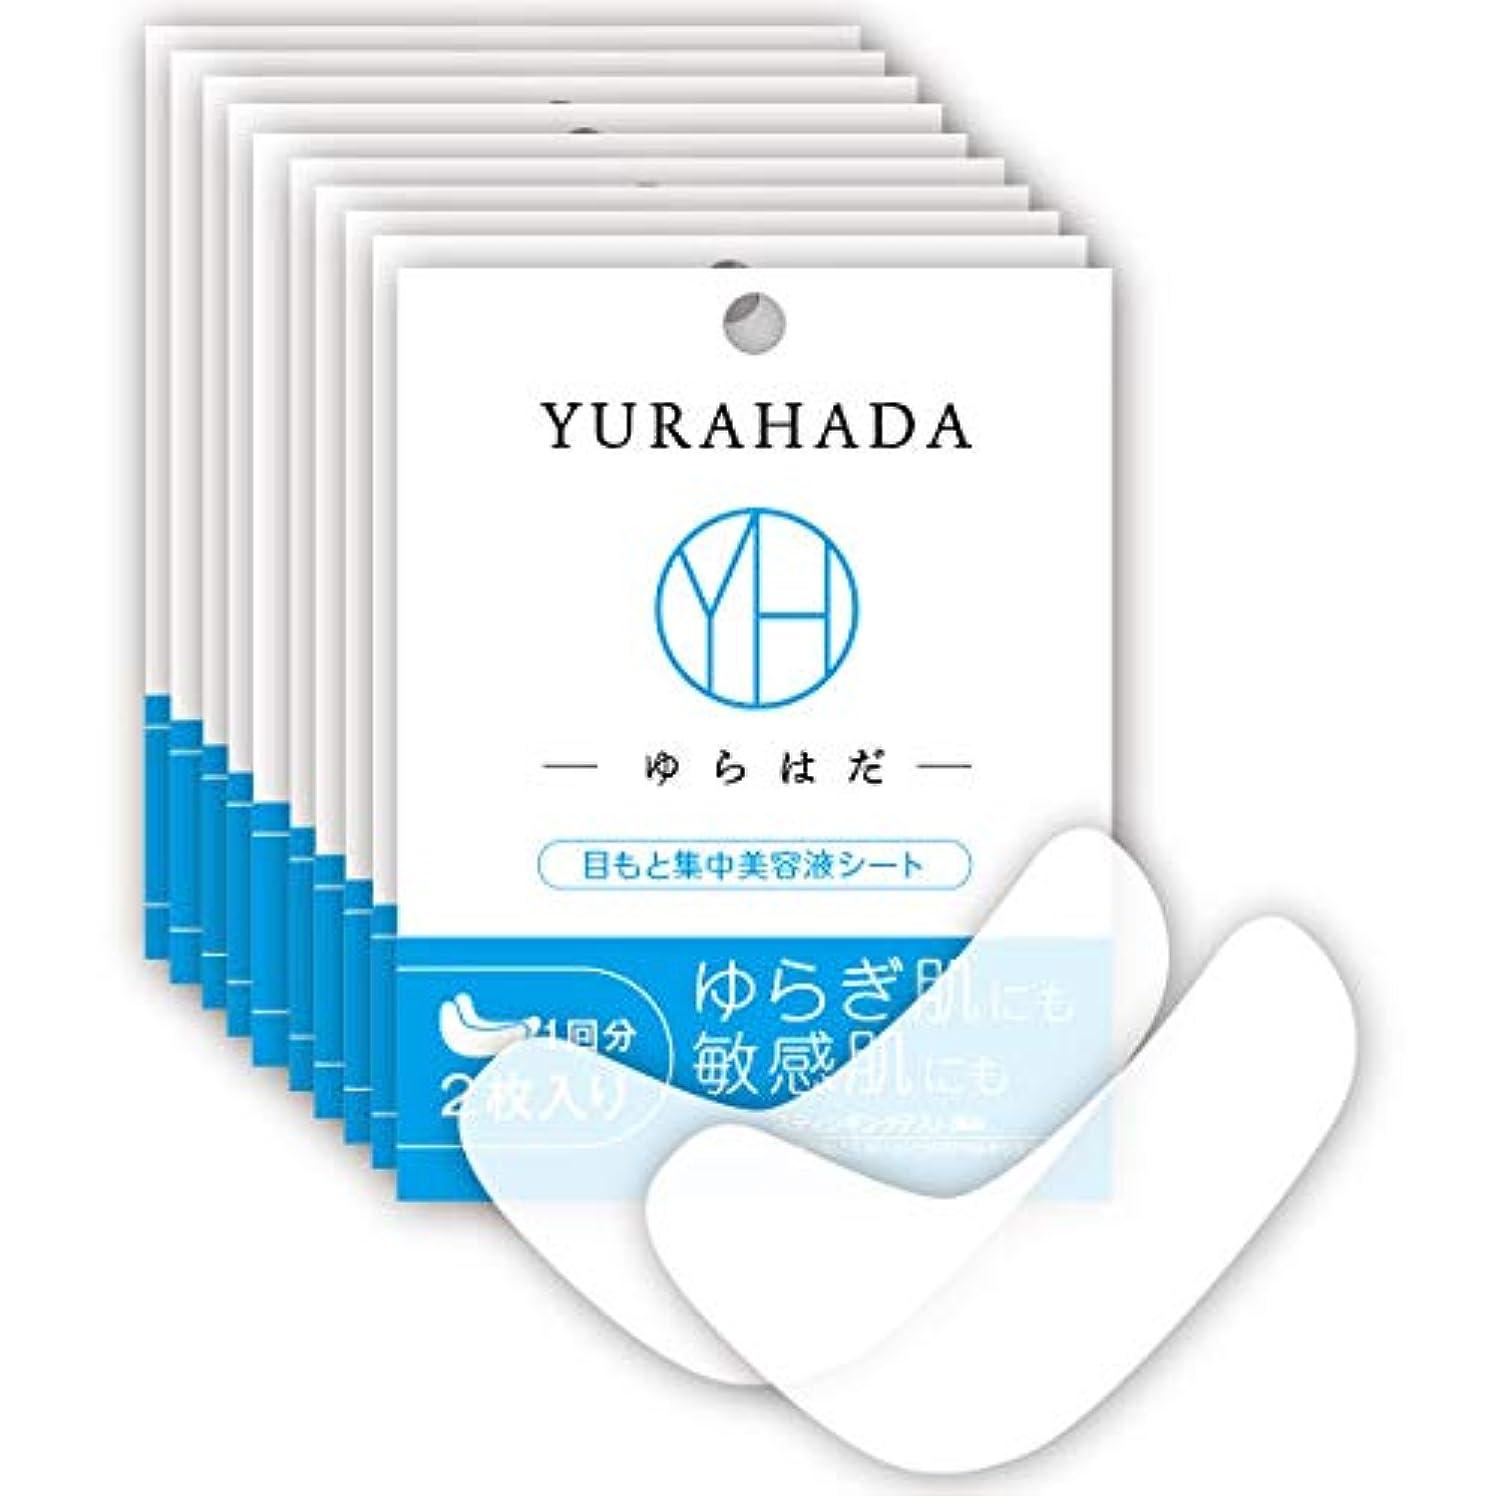 広告主結婚式気分YURAHADA目もと集中美容液シート(2枚入)10回セット